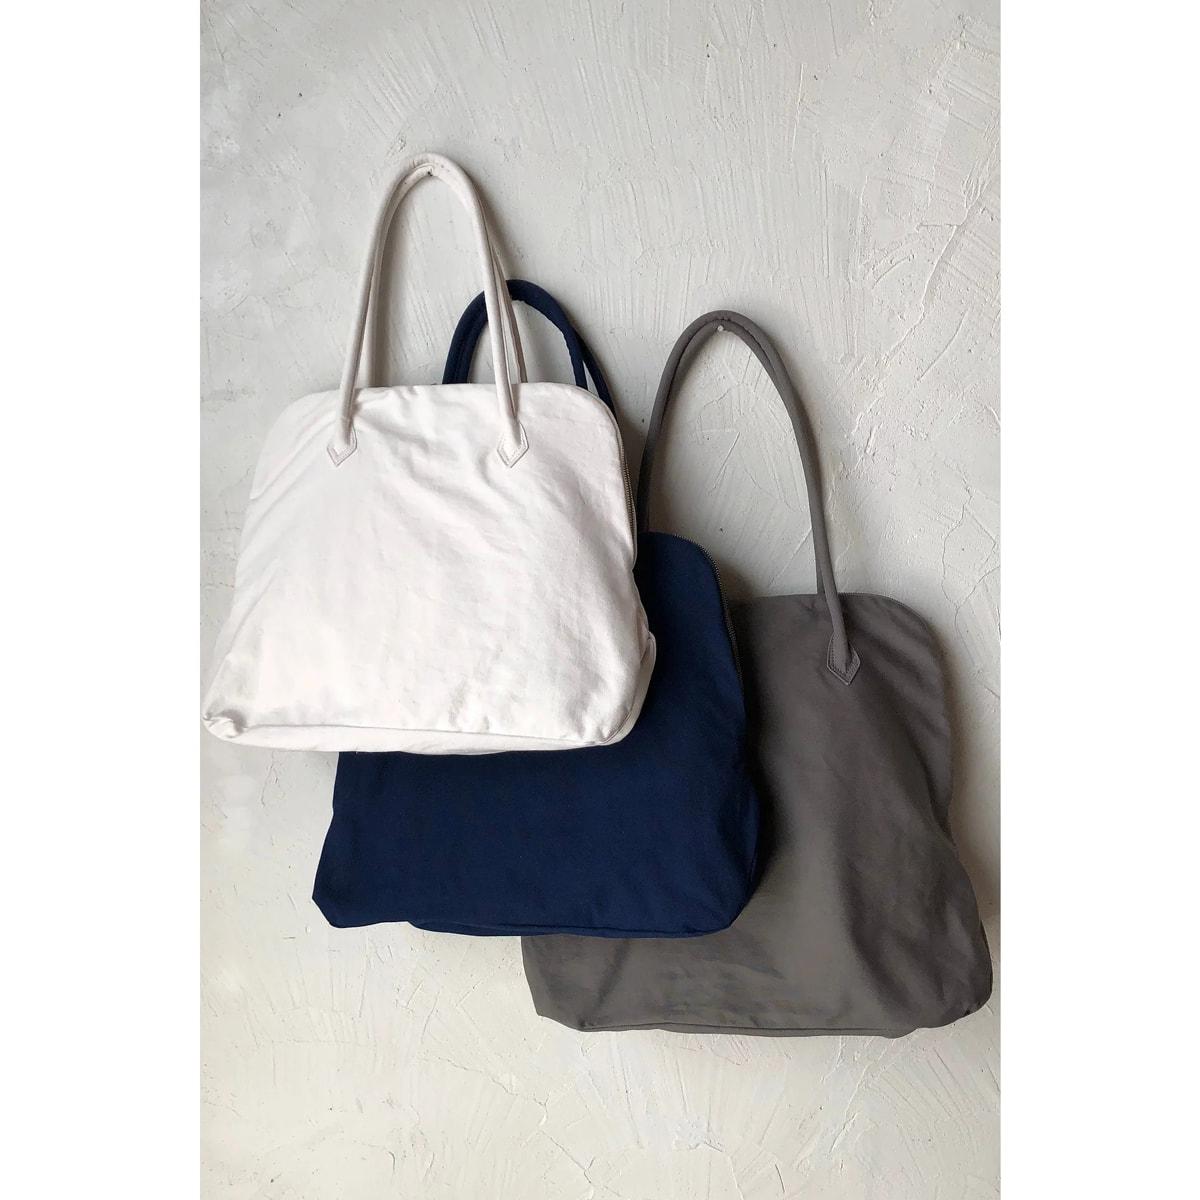 【WOMEN'S】 THE FACTORY シルババッグ S (5色) TF-S701 ザファクトリー Silva Bag シルバ バッグ トート キャンバス 日本製 ウィメンズ レディース 送料無料